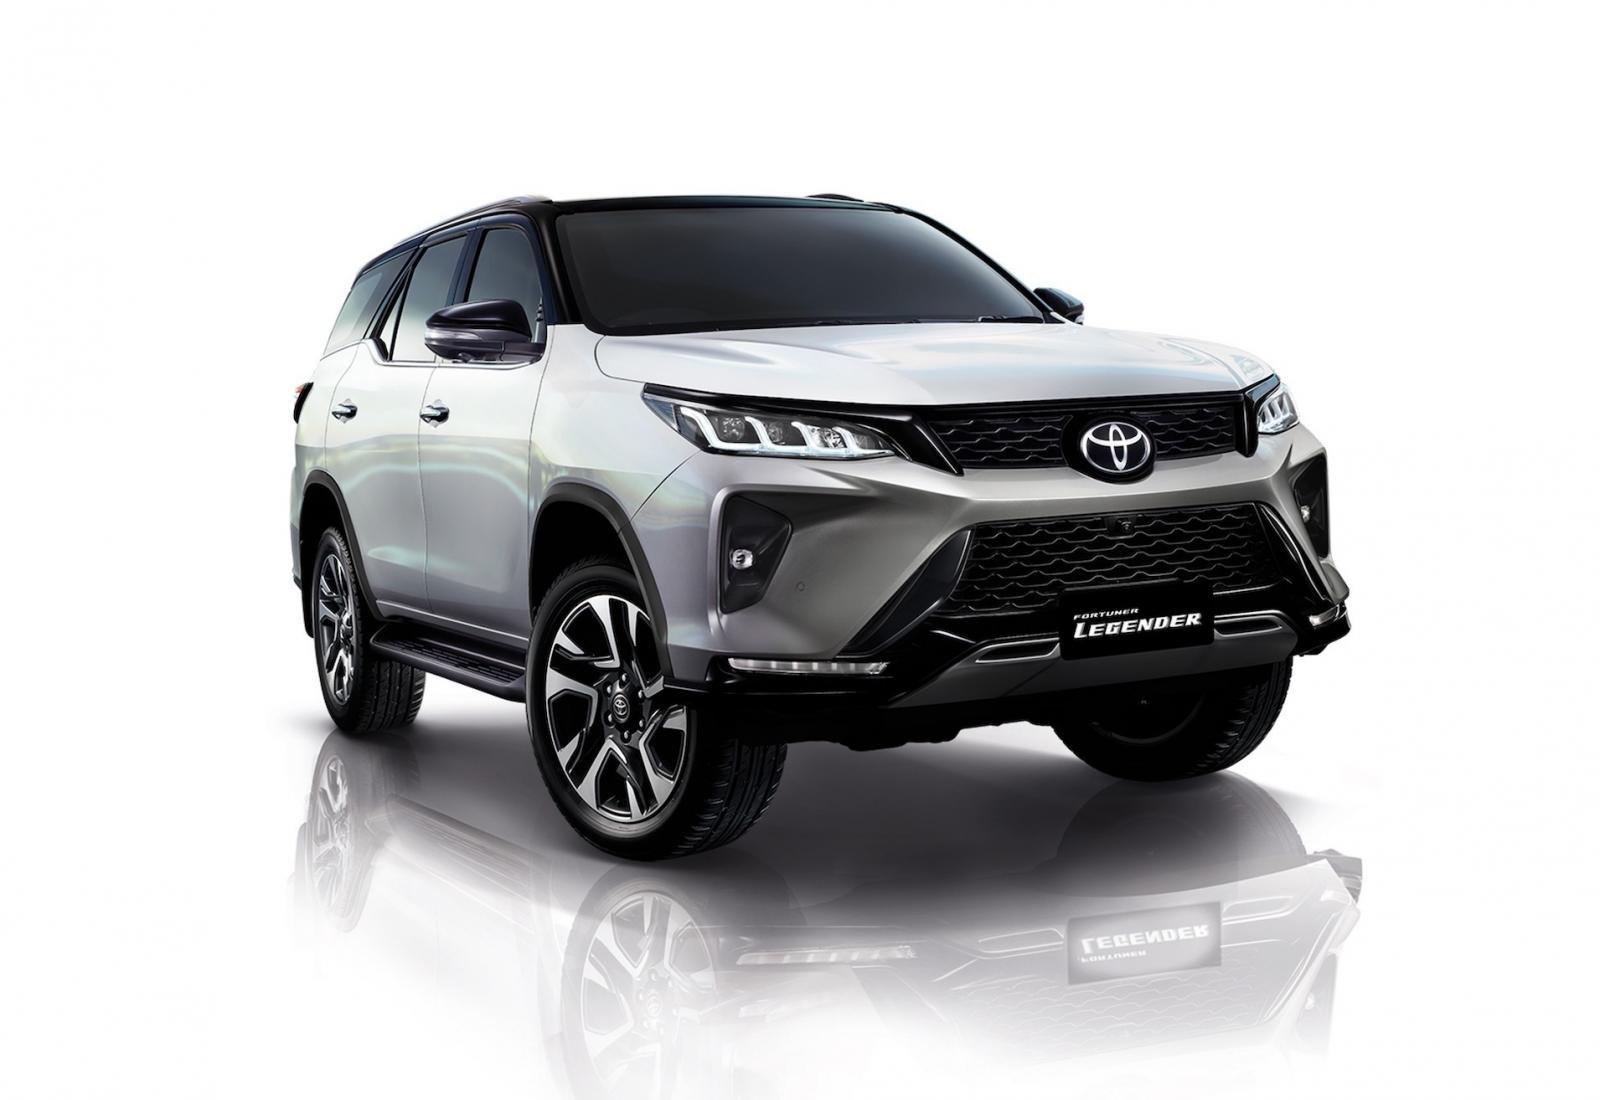 Ảnh chi tiết Toyota Fortuner Legender 2021 hoàn toàn mới vừa mở bán tại Thái Lan a2